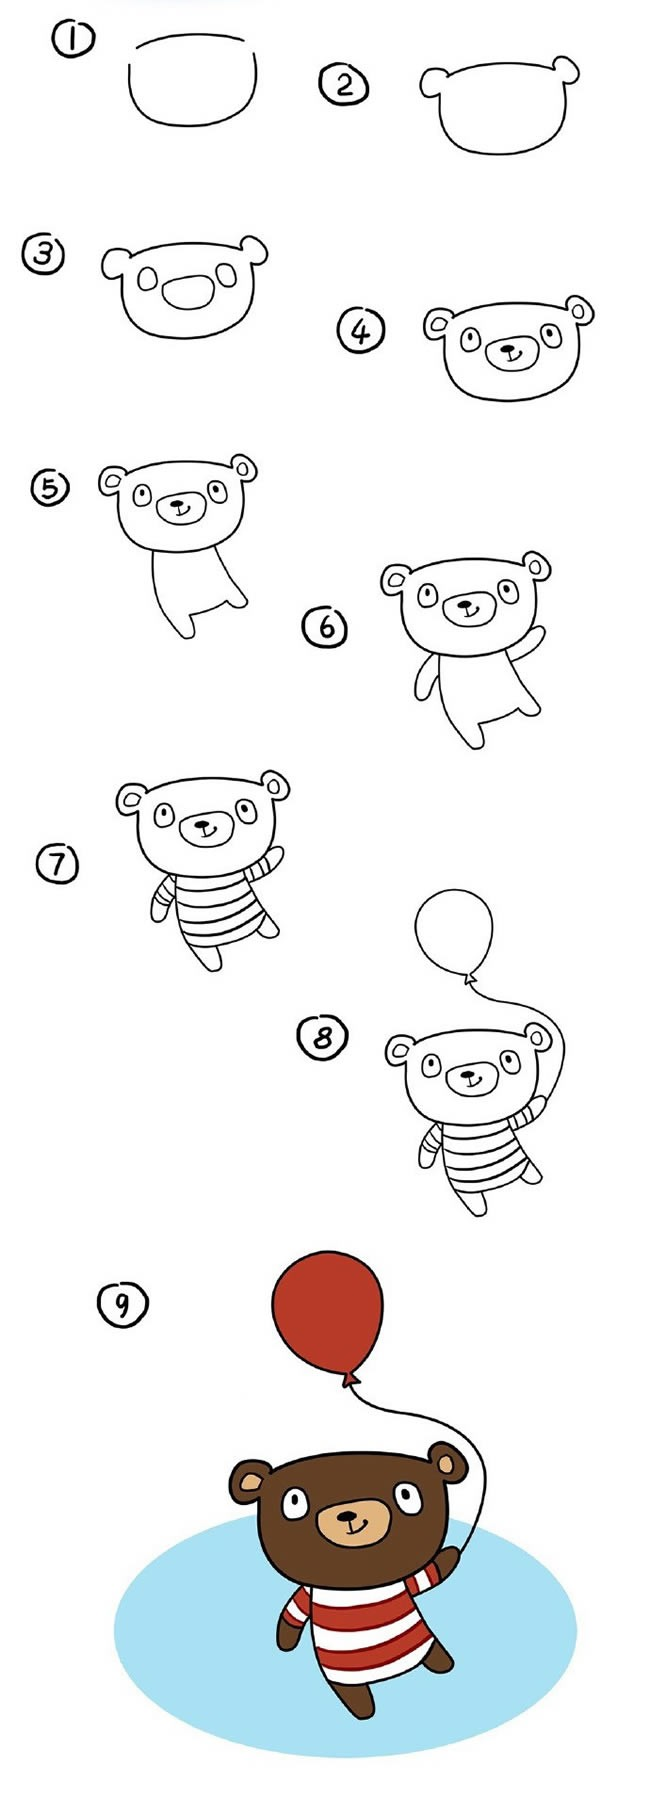 拿起球的卡通小熊简笔画步骤图解 卡通小熊如何画